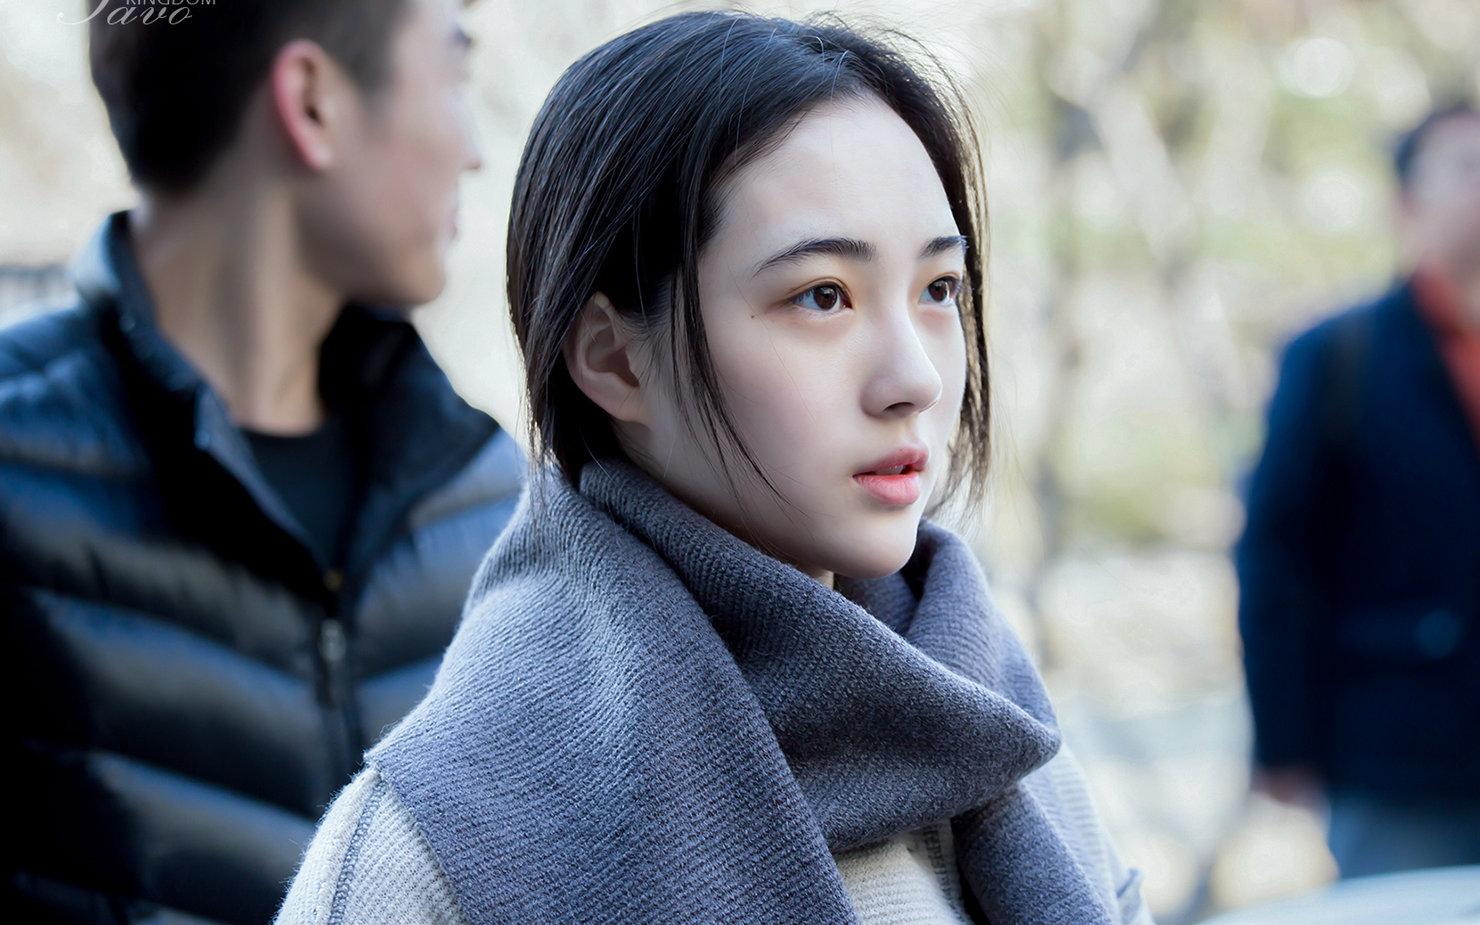 赵嘉敏 SNH48 生命之风 赵嘉敏出演场次合集 哔哩哔哩 ゜ ゜ つロ干杯